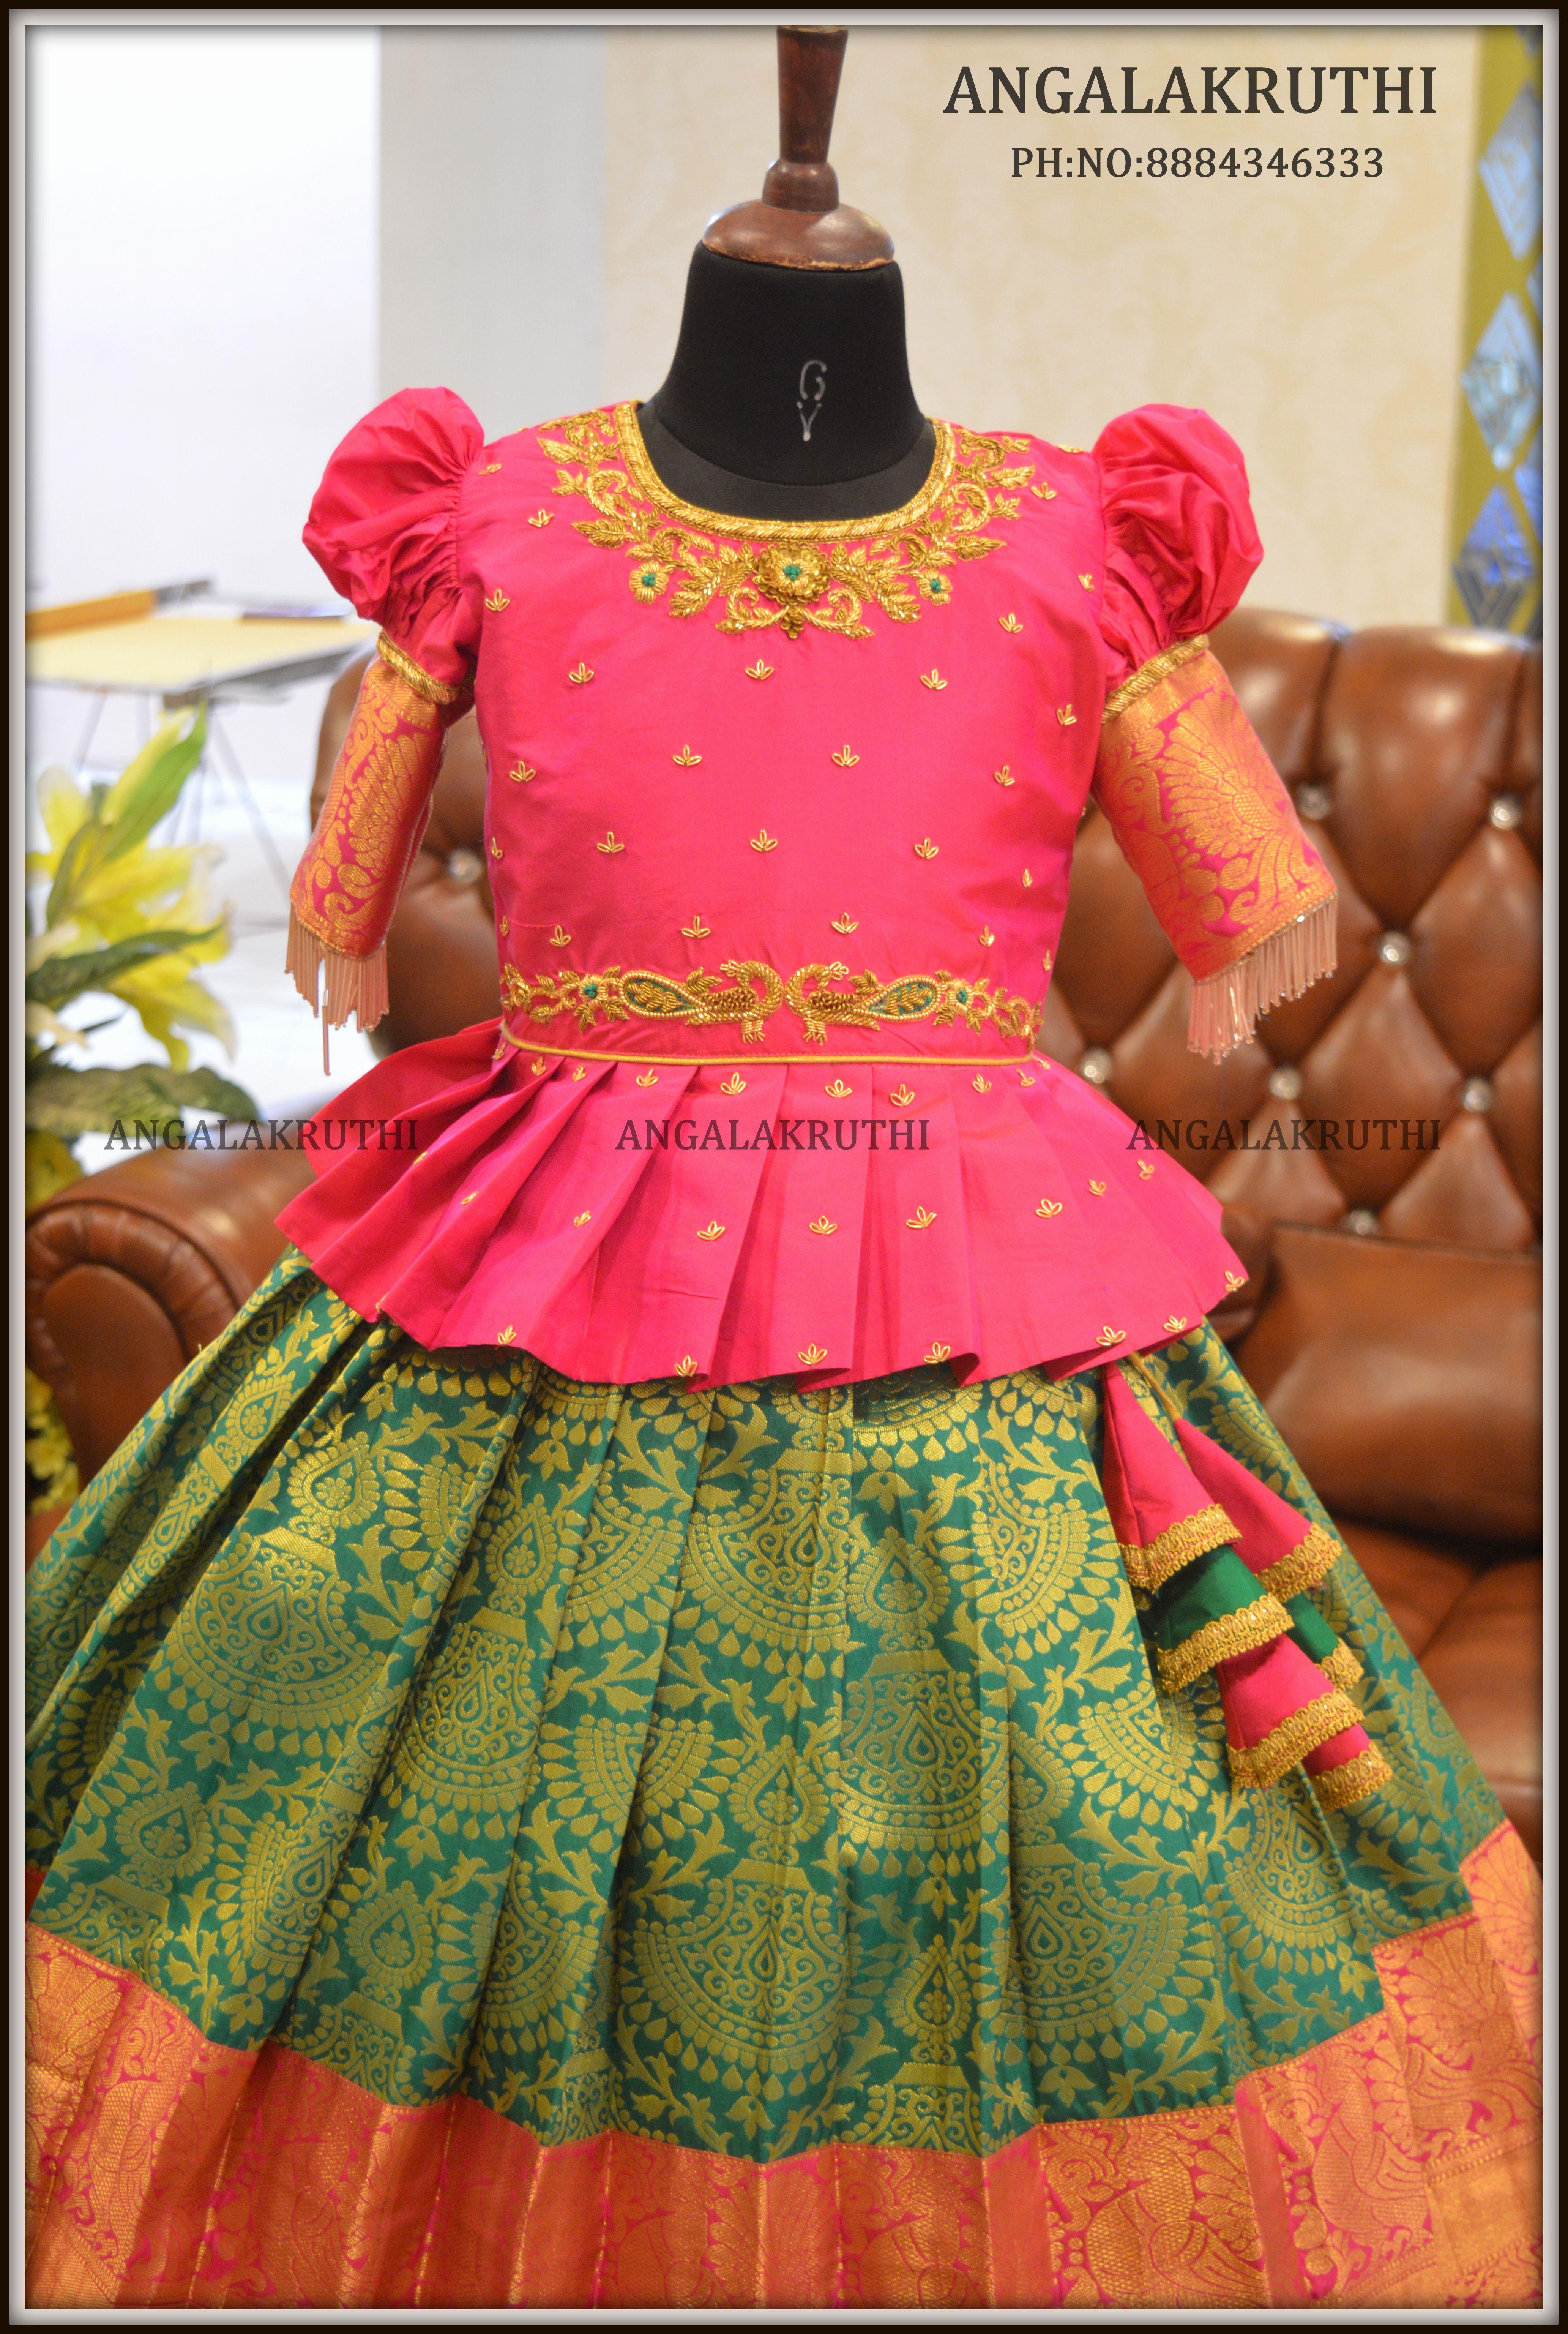 Maggam Work Blouse For Kids Pattu Pavada Kids Blouse Designs Kids Designer Dresses Kids Dress Patterns